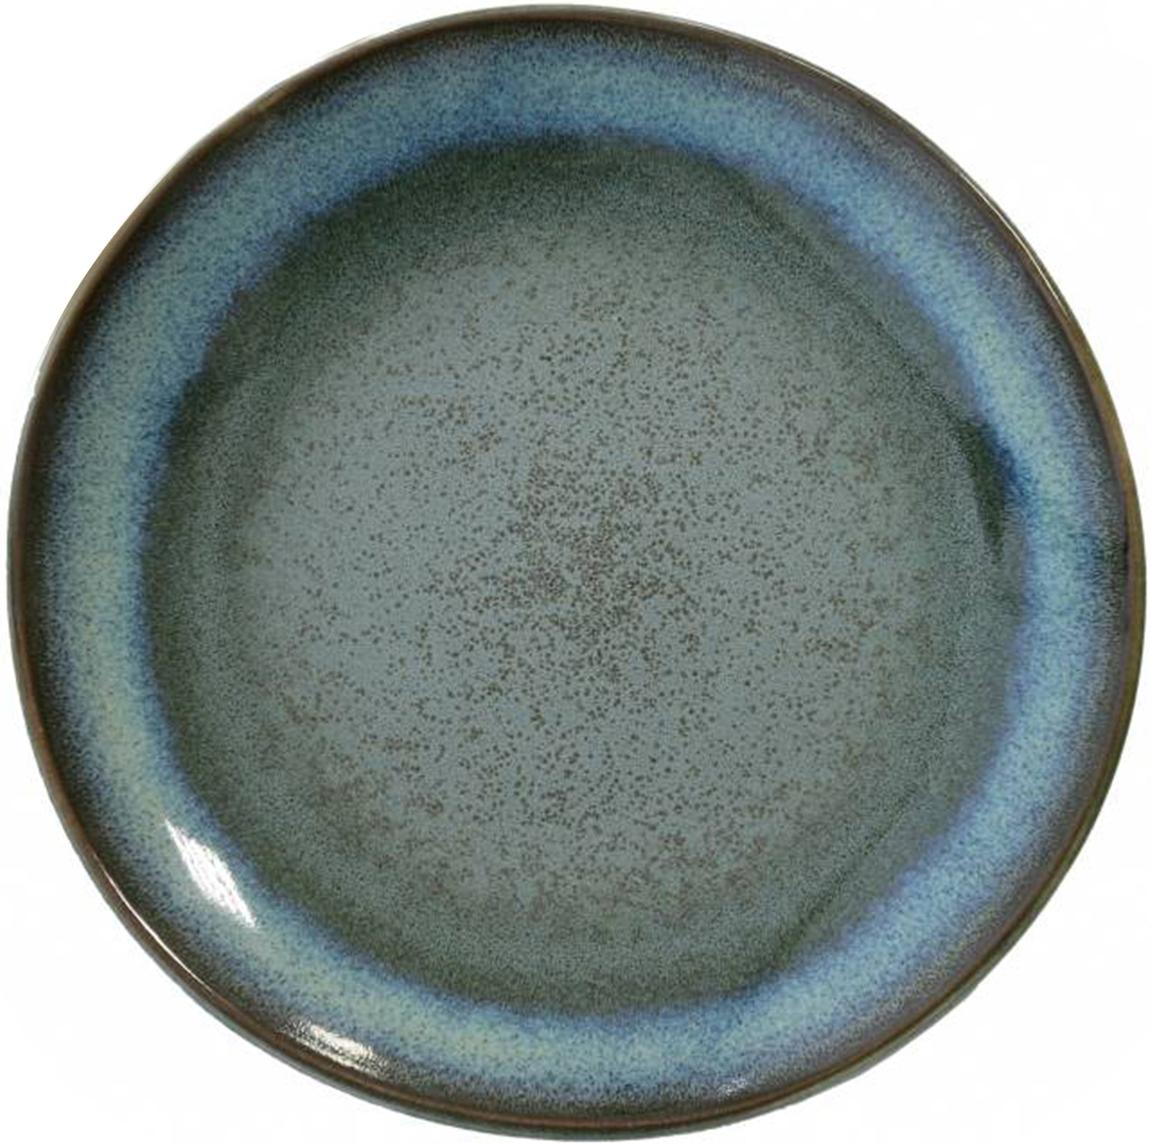 Piatto piano fatto a mano 70's, 2 pz, Ceramica, Tonalità blu, tonalità verde, Ø 18 cm